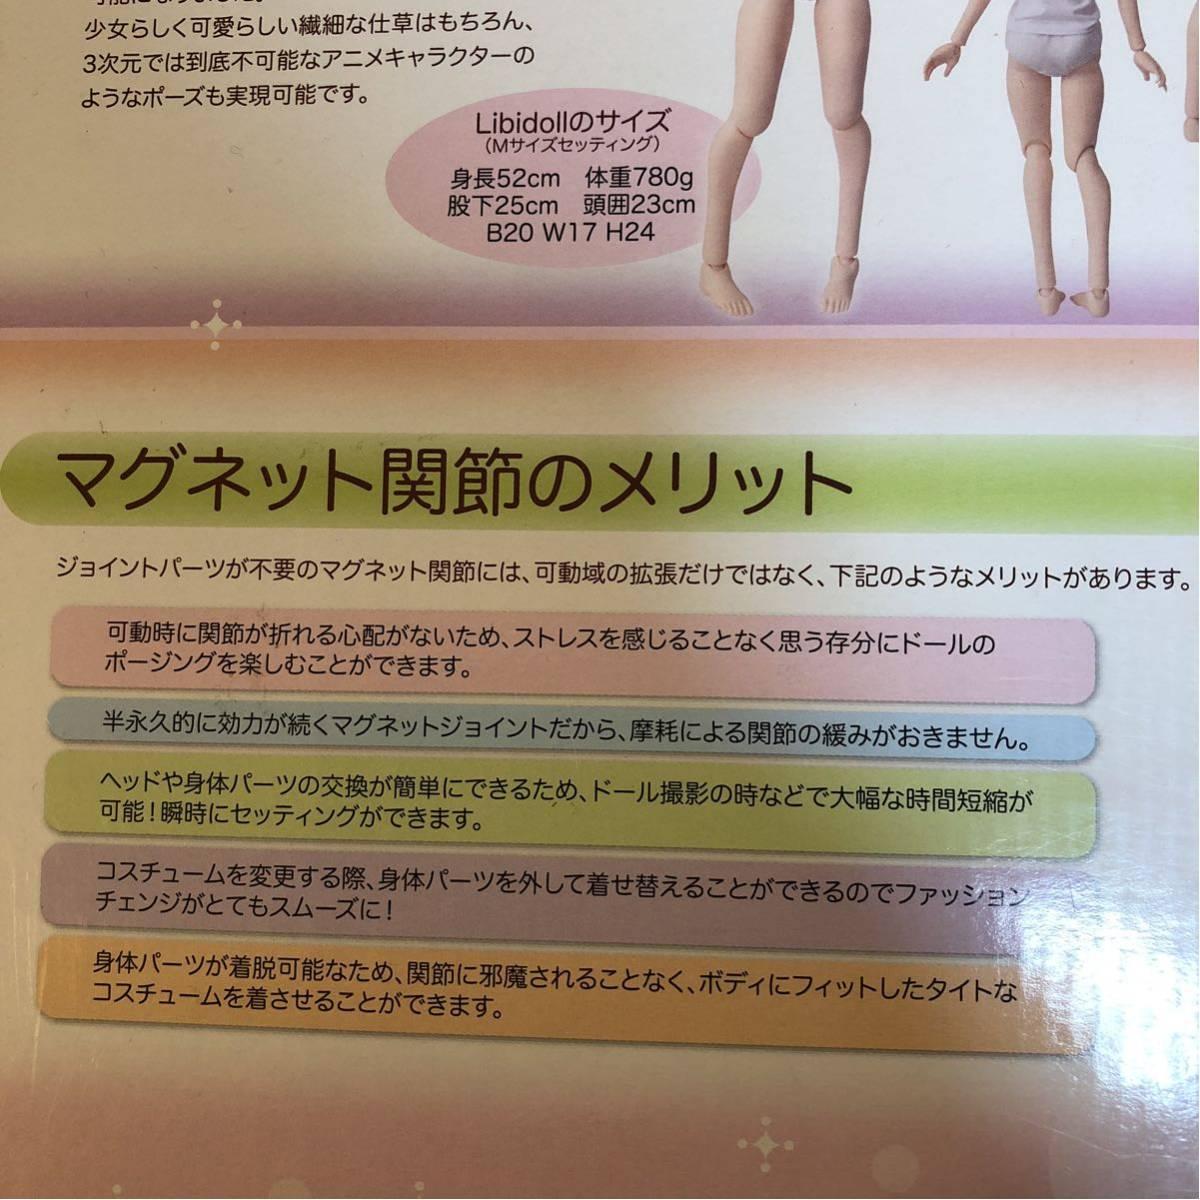 【新品・1円~】リビドール(Libidoll) スターターセット 1/3ドール DD・SDの衣装、ウィッグなども使用可能_画像3